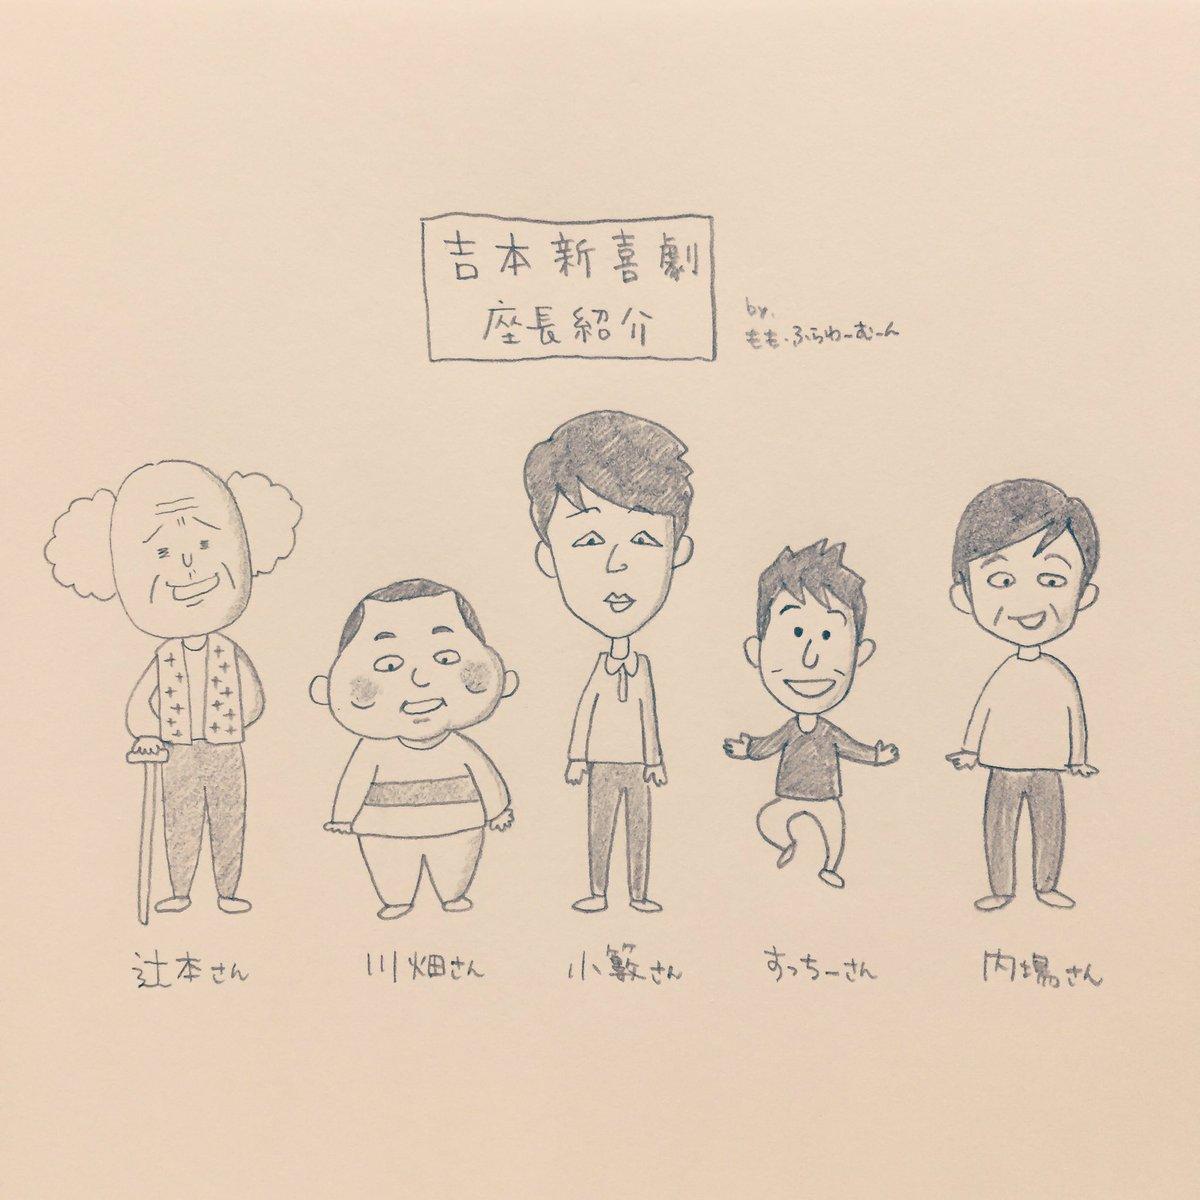 【パロディーおえかき】吉本新喜劇・座長五人衆〜ちびまる子ちゃん仕立て🍑…ほぼ、お顔いじらず。雰囲気を感じていただけたら嬉